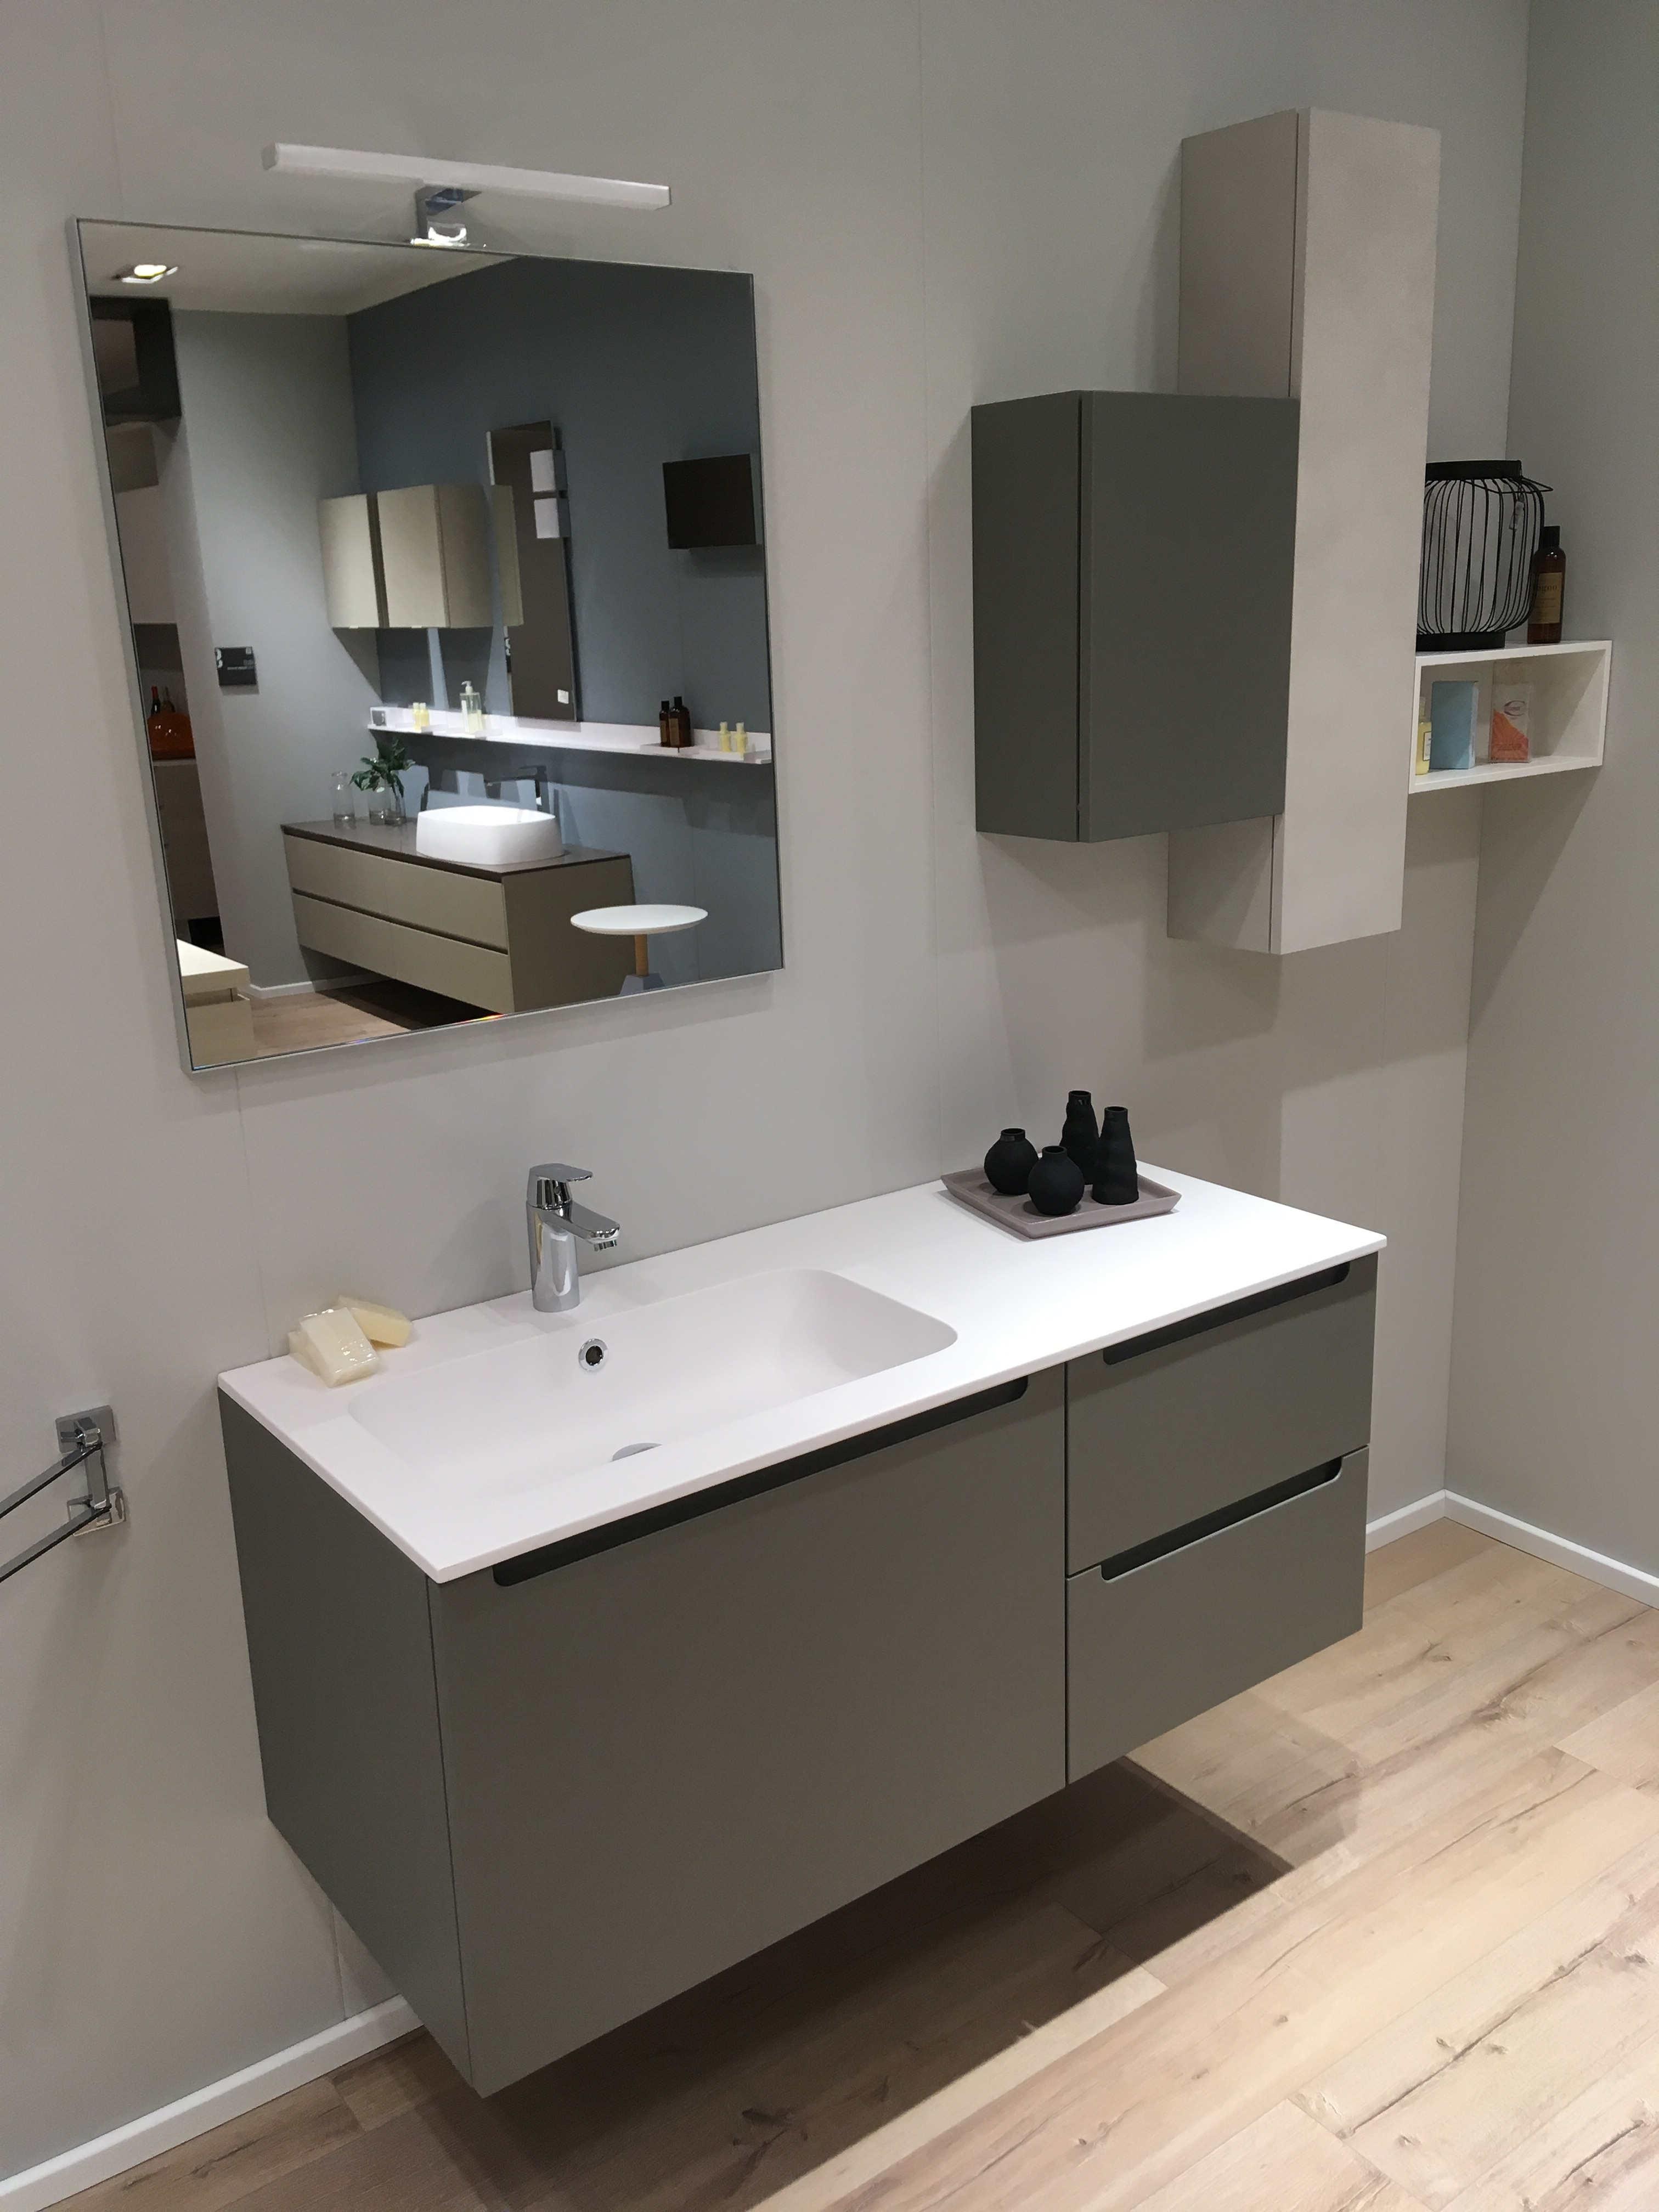 Scavolini bathrooms arredo bagno scavolini mod idro scontato del 29 arredo bagno a prezzi - Scavolini arredo bagno ...